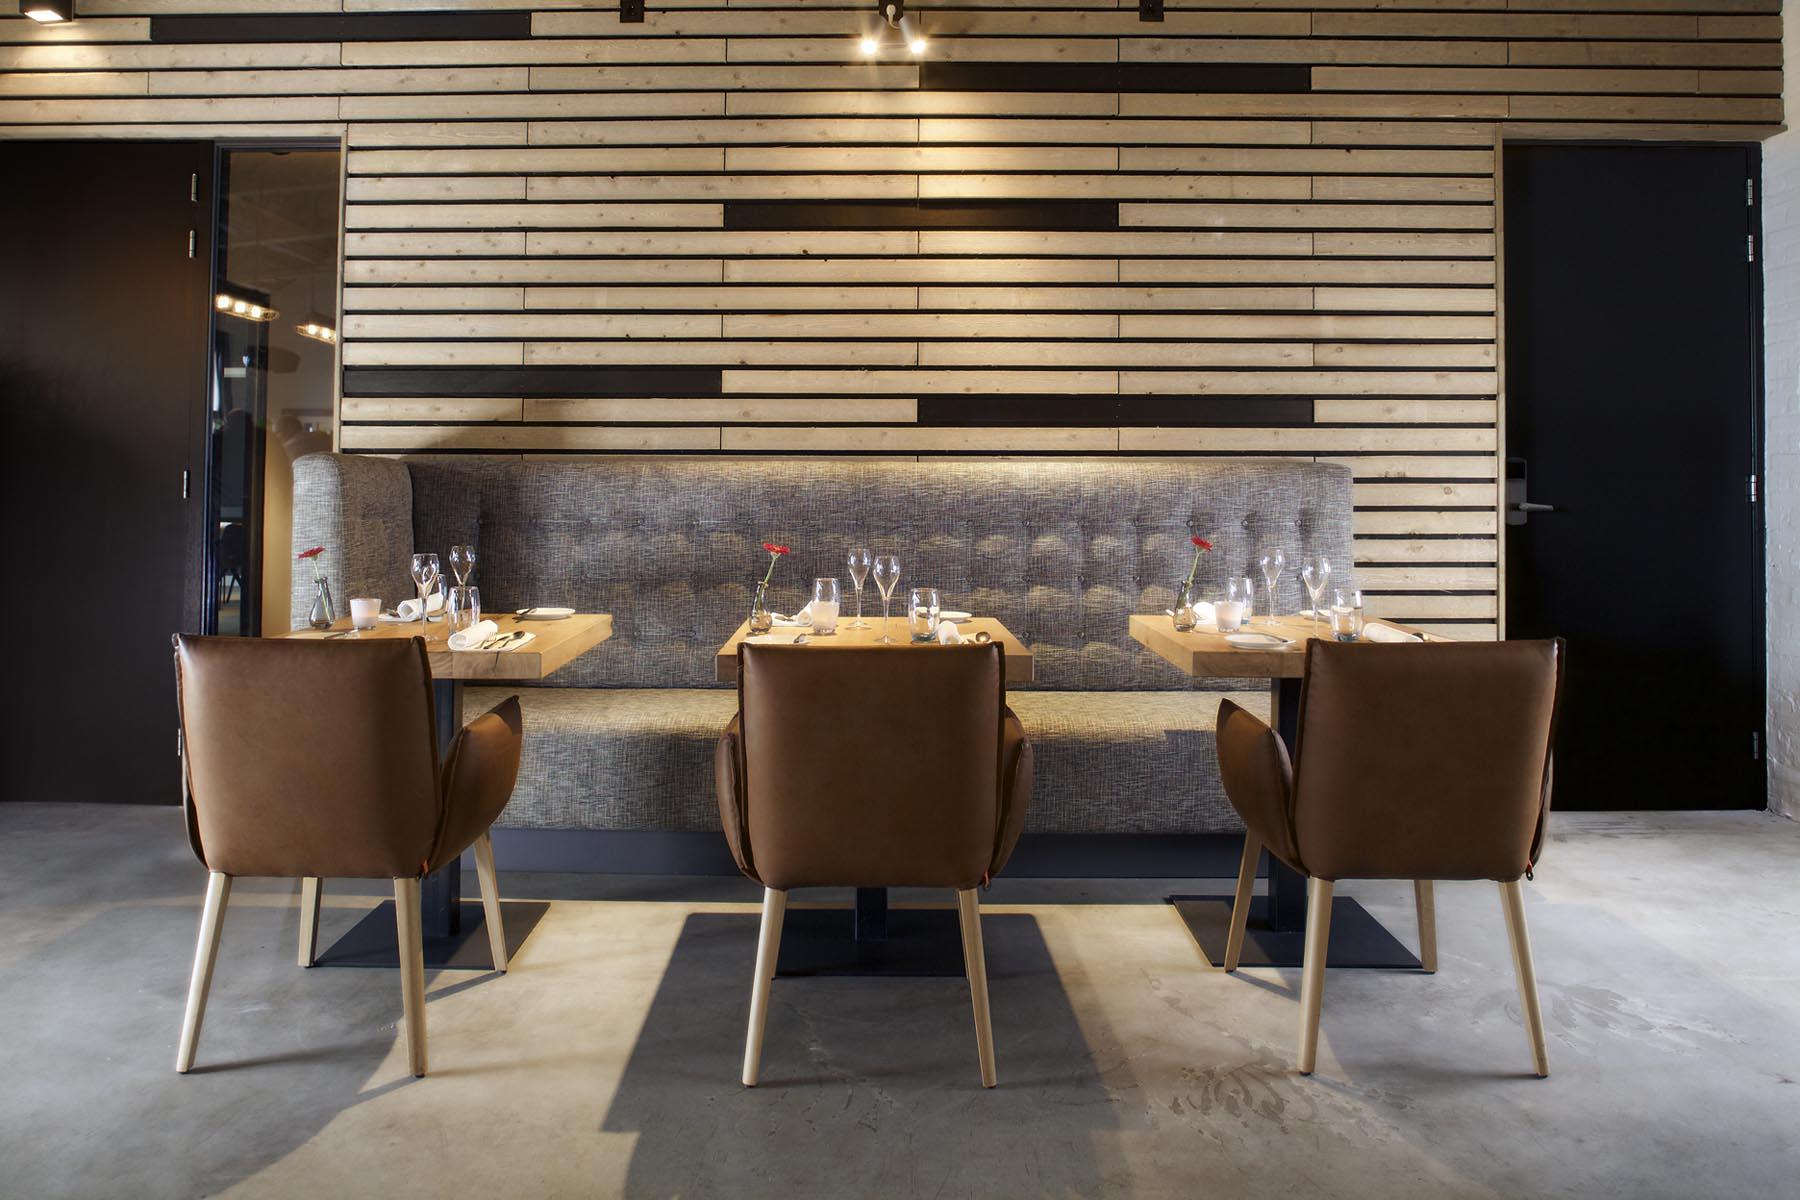 6 akoestische wand met latten en schapenwol erachter voorin zitbank met eiken houten tafels en fauteuils in leer